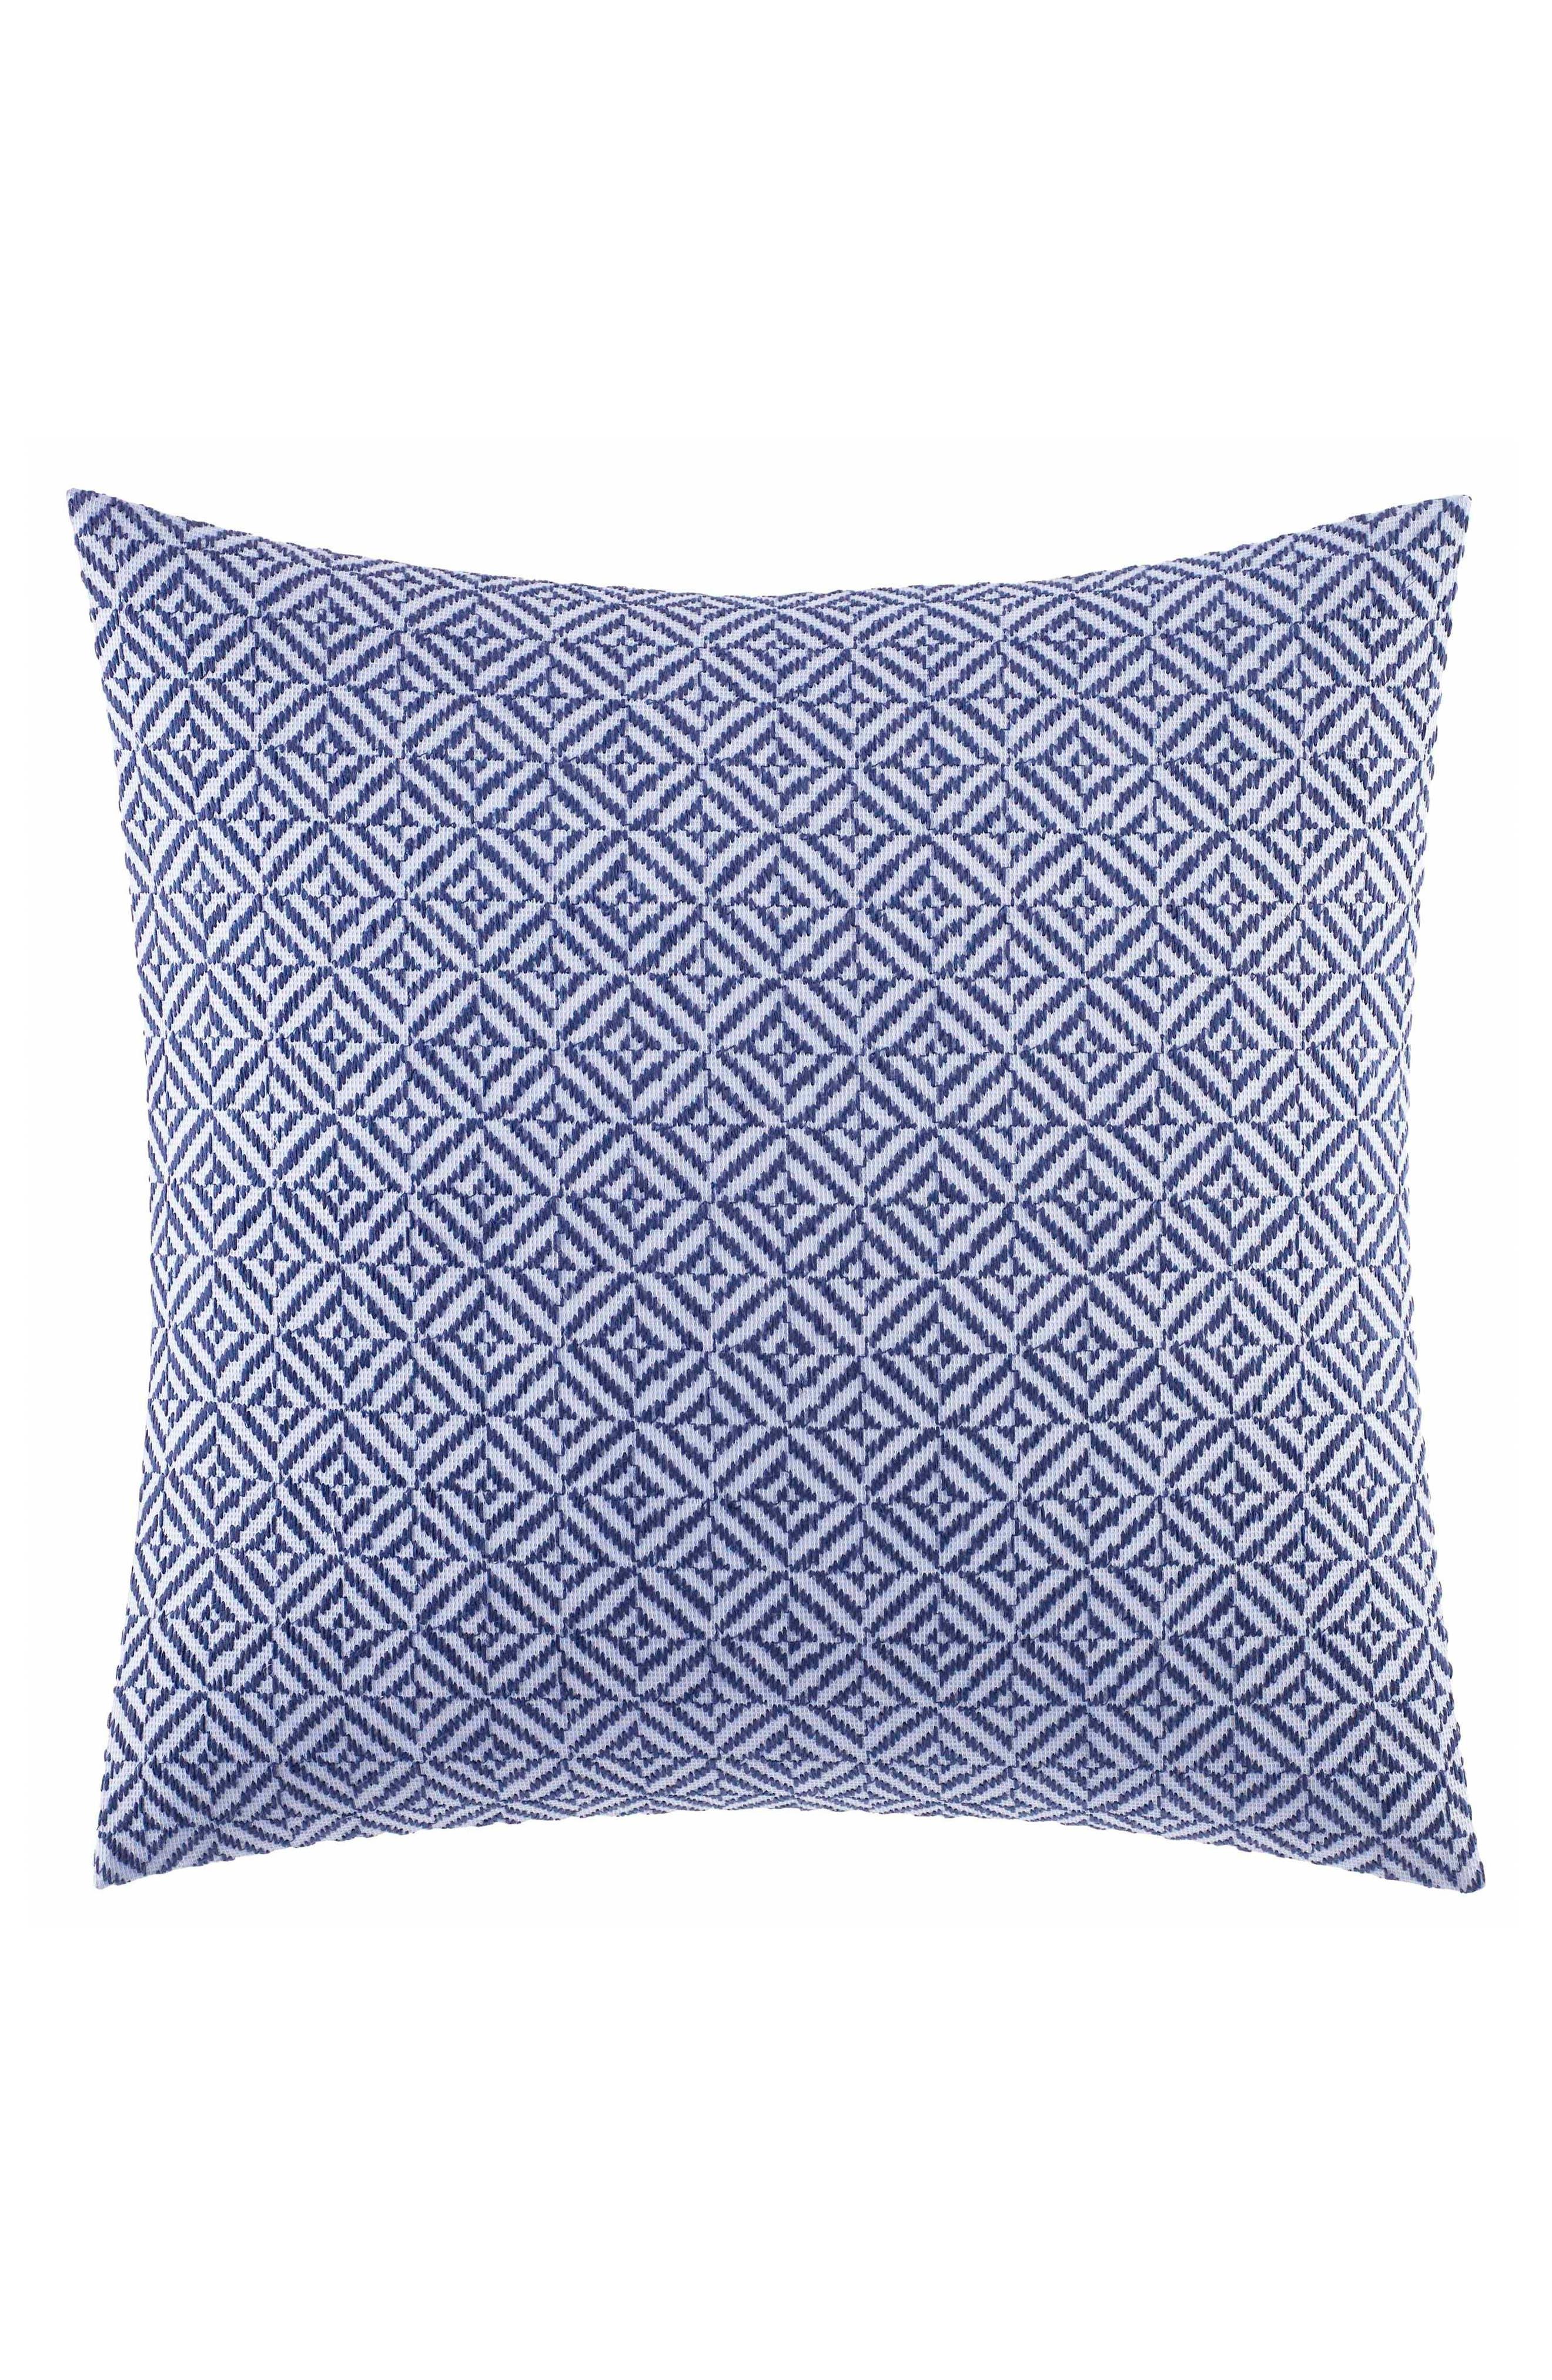 Chevron Accent Pillow,                         Main,                         color, 500